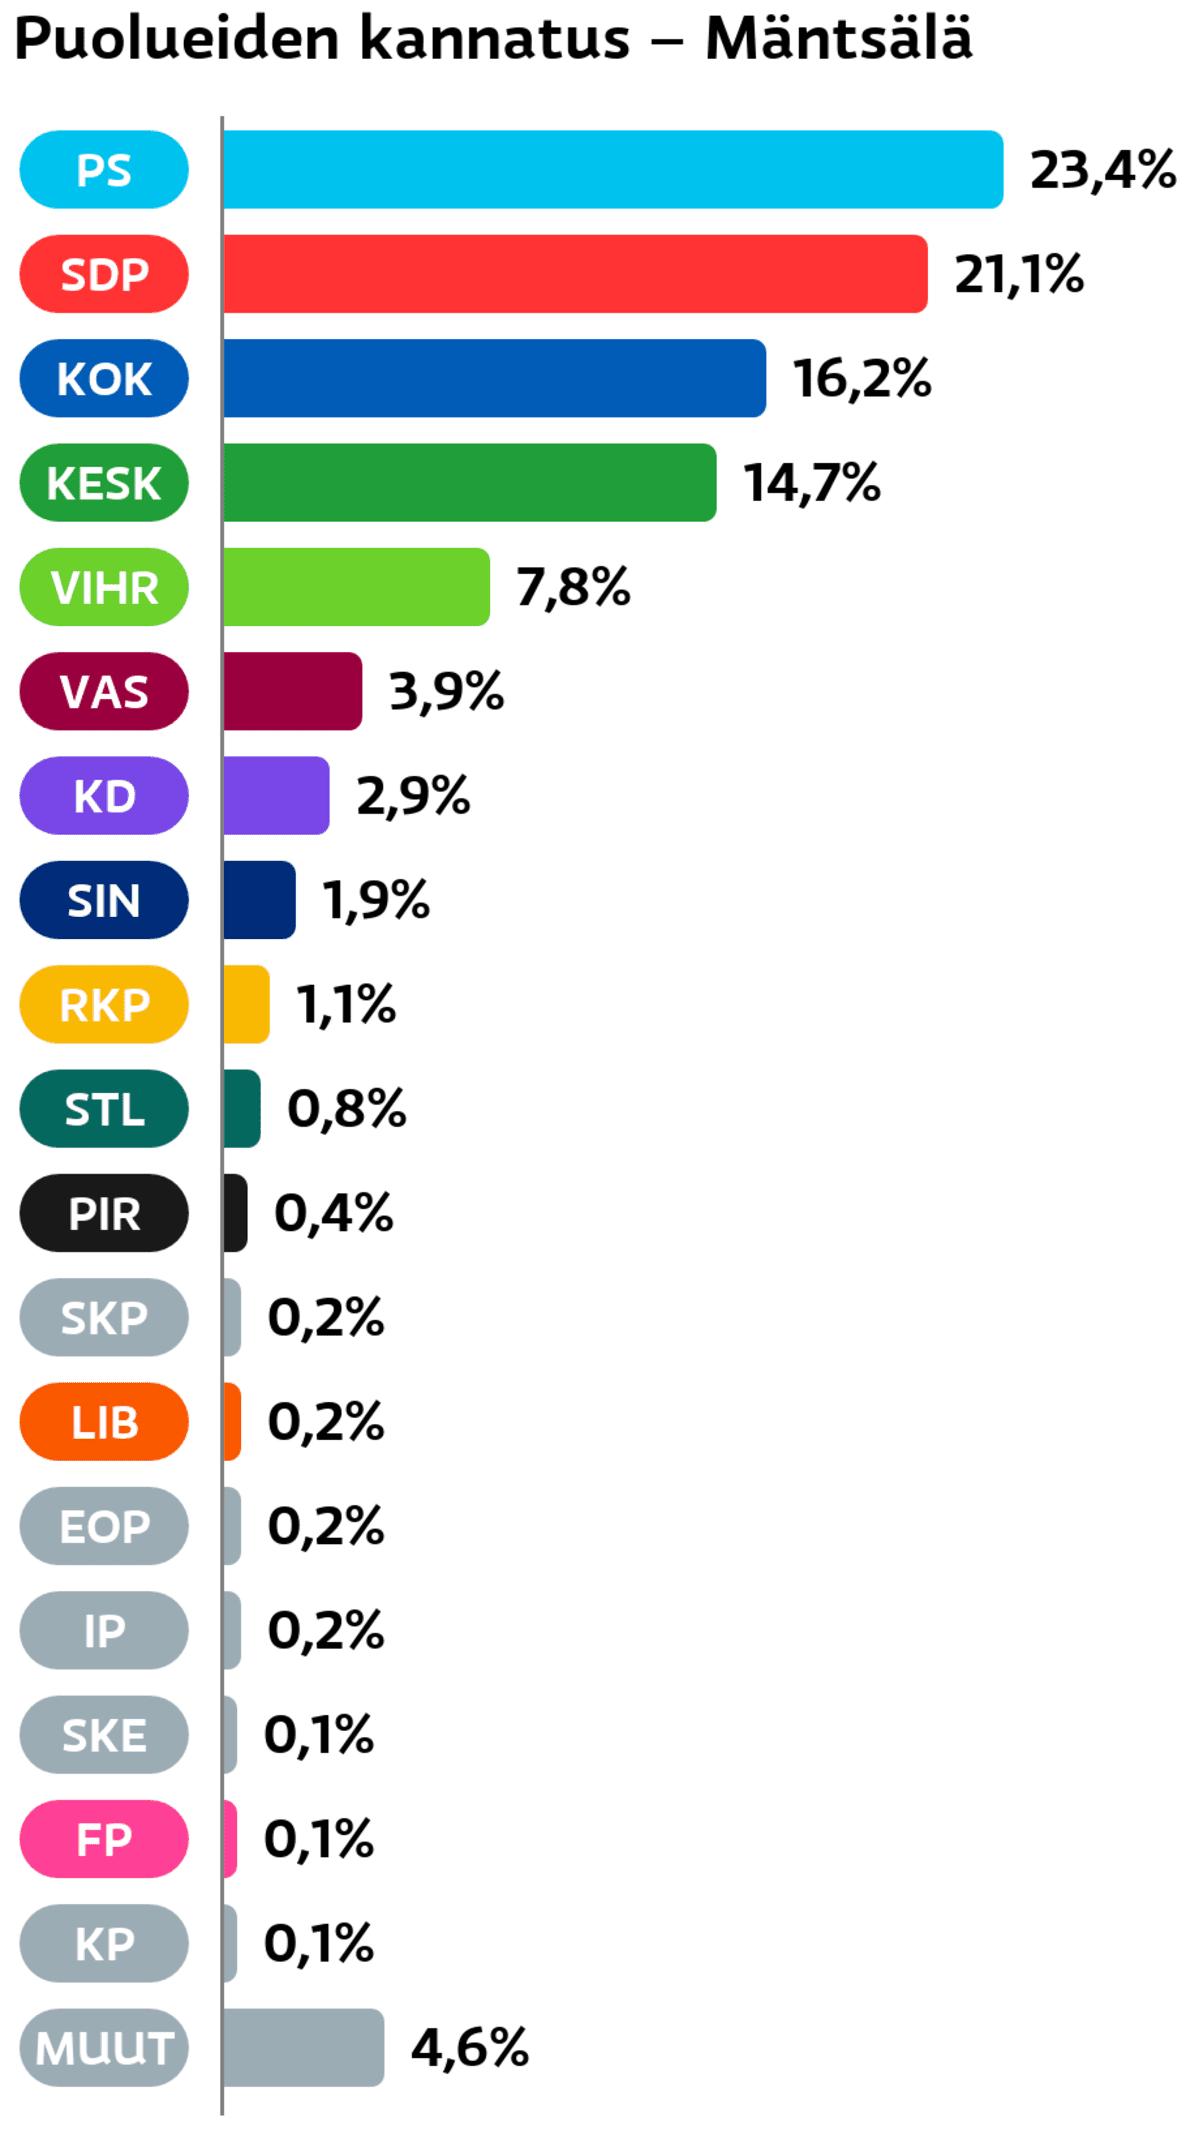 Puolueiden kannatus: Mäntsälä Perussuomalaiset: 23,4 prosenttia SDP: 21,1 prosenttia Kokoomus: 16,2 prosenttia Keskusta: 14,7 prosenttia Vihreät: 7,8 prosenttia Vasemmistoliitto: 3,9 prosenttia Suomen Kristillisdemokraatit: 2,9 prosenttia Sininen tulevaisuus: 1,9 prosenttia RKP: 1,1 prosenttia Tähtiliike: 0,8 prosenttia Piraattipuolue: 0,4 prosenttia SKP: 0,2 prosenttia Liberaalipuolue: 0,2 prosenttia Eläinoikeuspuolue: 0,2 prosenttia Itsenäisyyspuolue: 0,2 prosenttia Suomen Kansa Ensin: 0,1 prosenttia Feministinen puolue: 0,1 prosenttia Kansalaispuolue: 0,1 prosenttia Muut ryhmät: 4,6 prosenttia